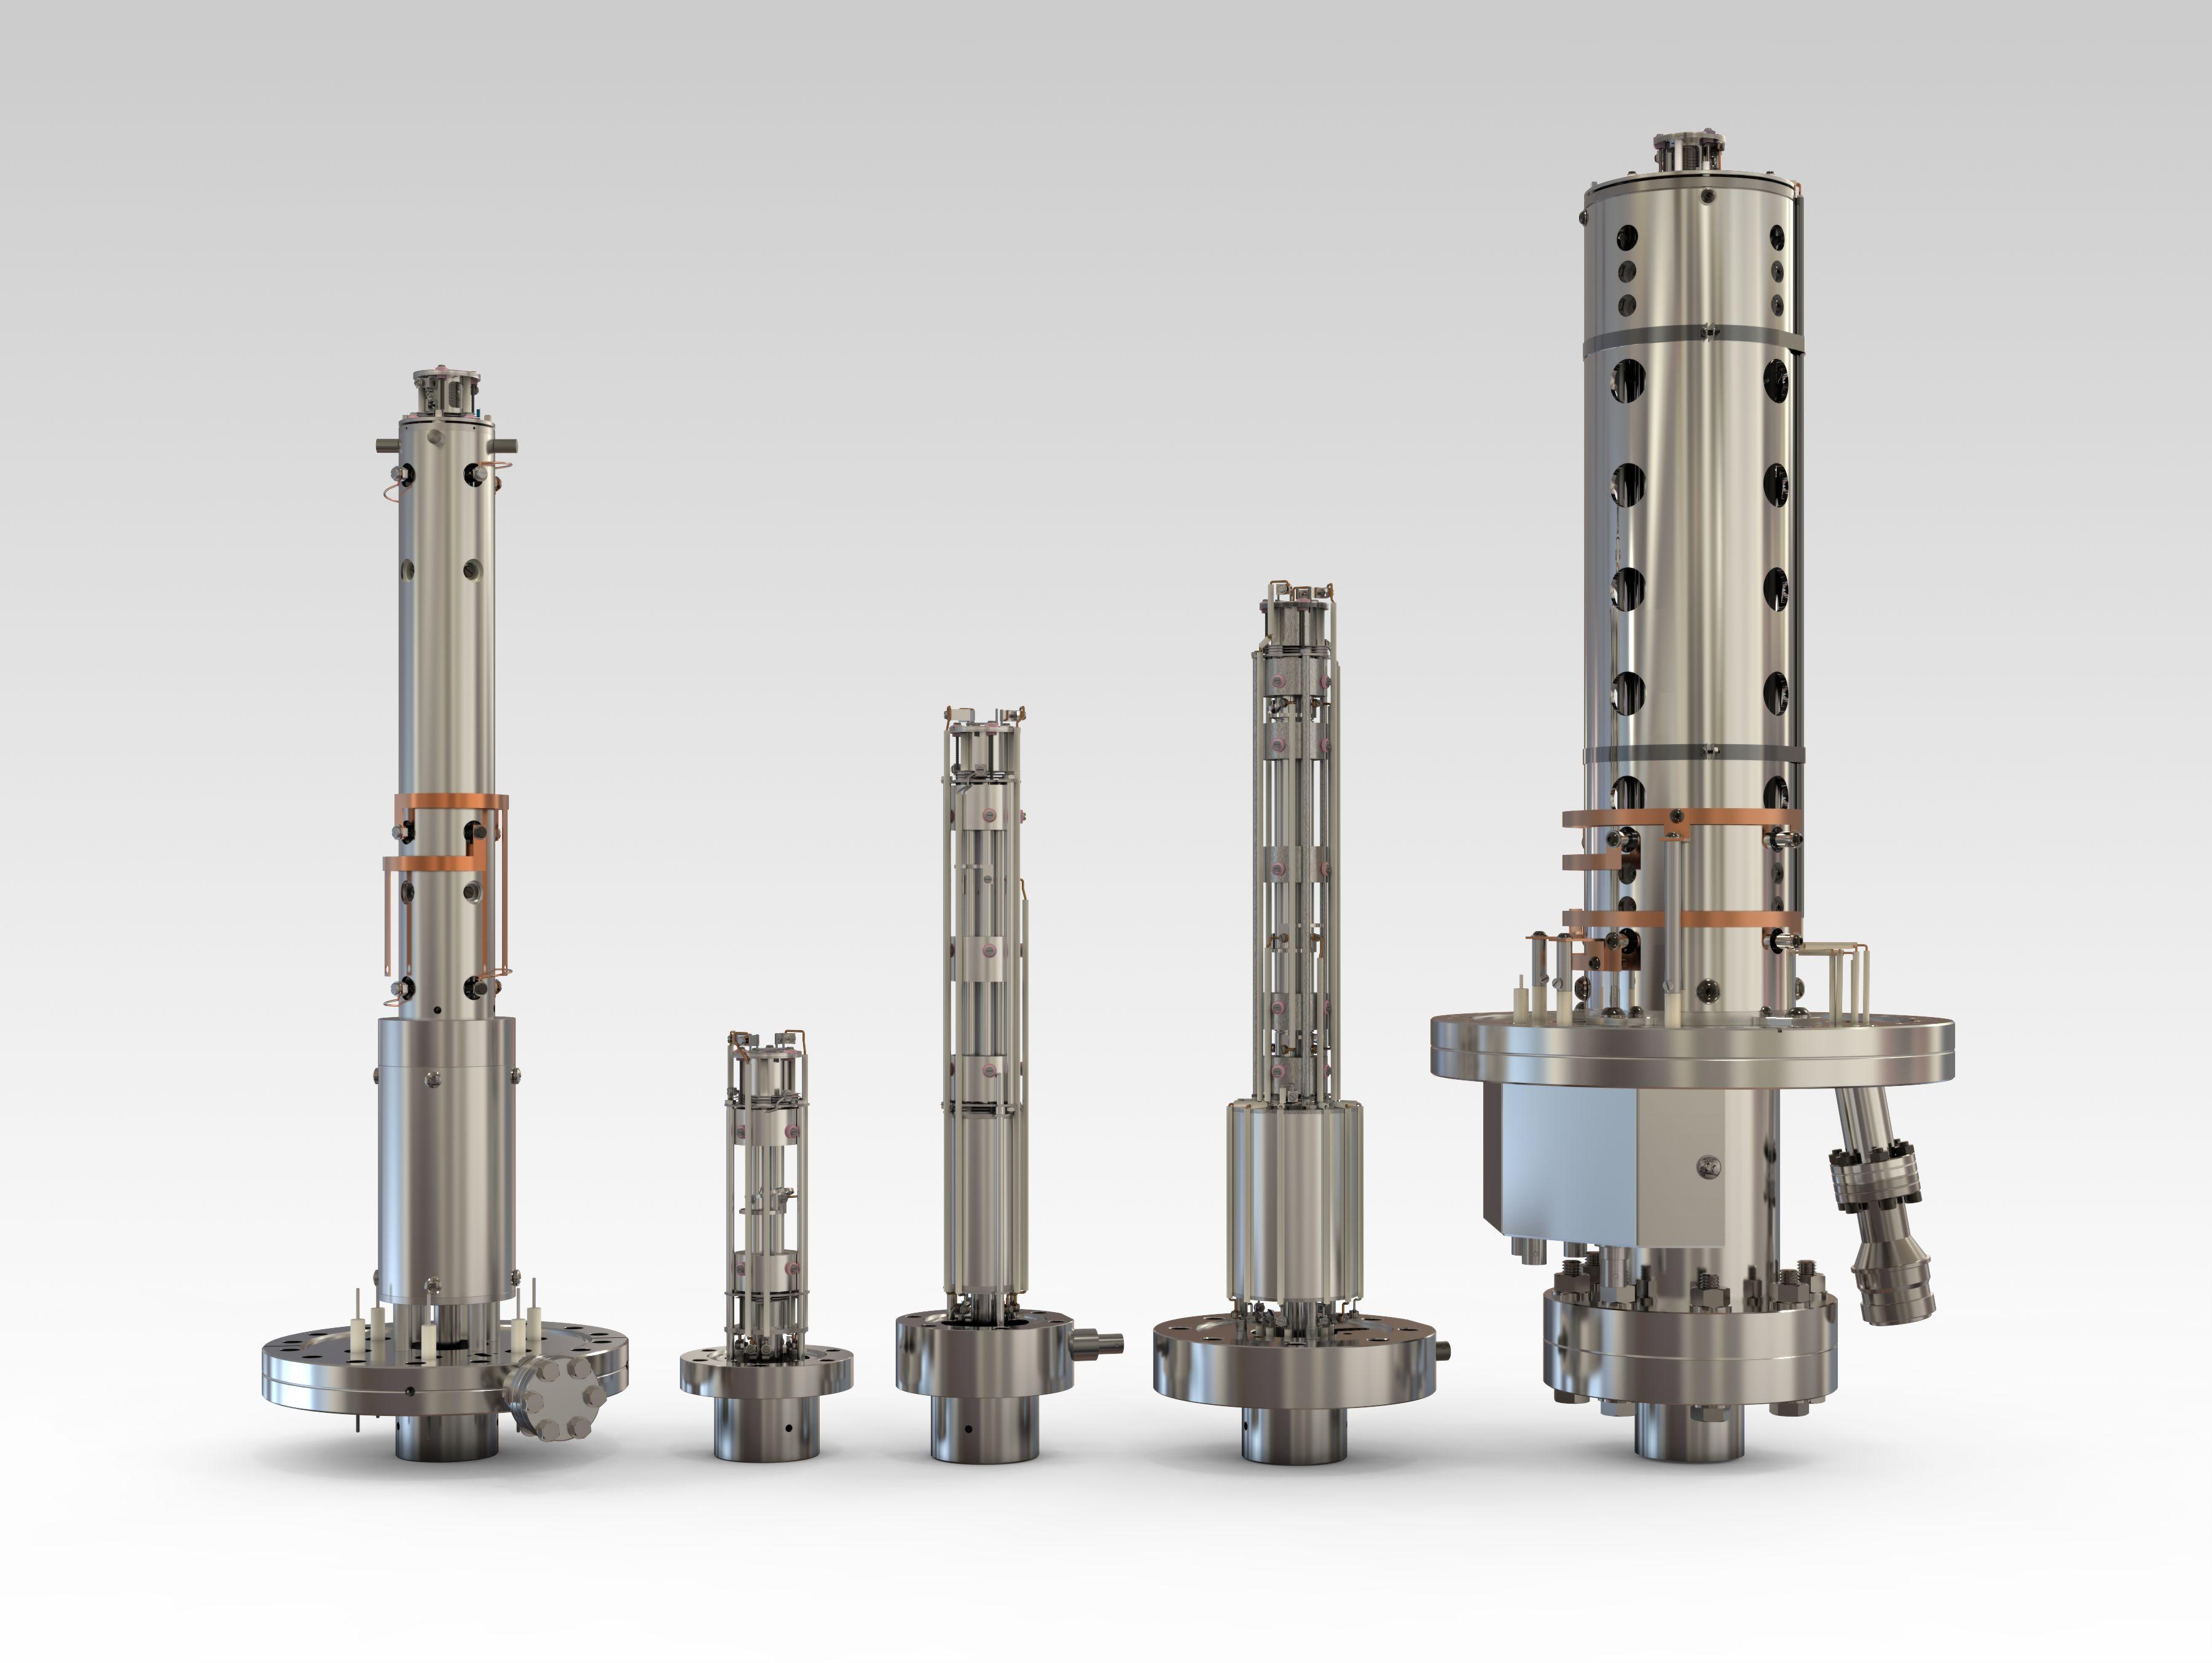 Rga series : mesure temps réel de concentration en gaz ou vapeur